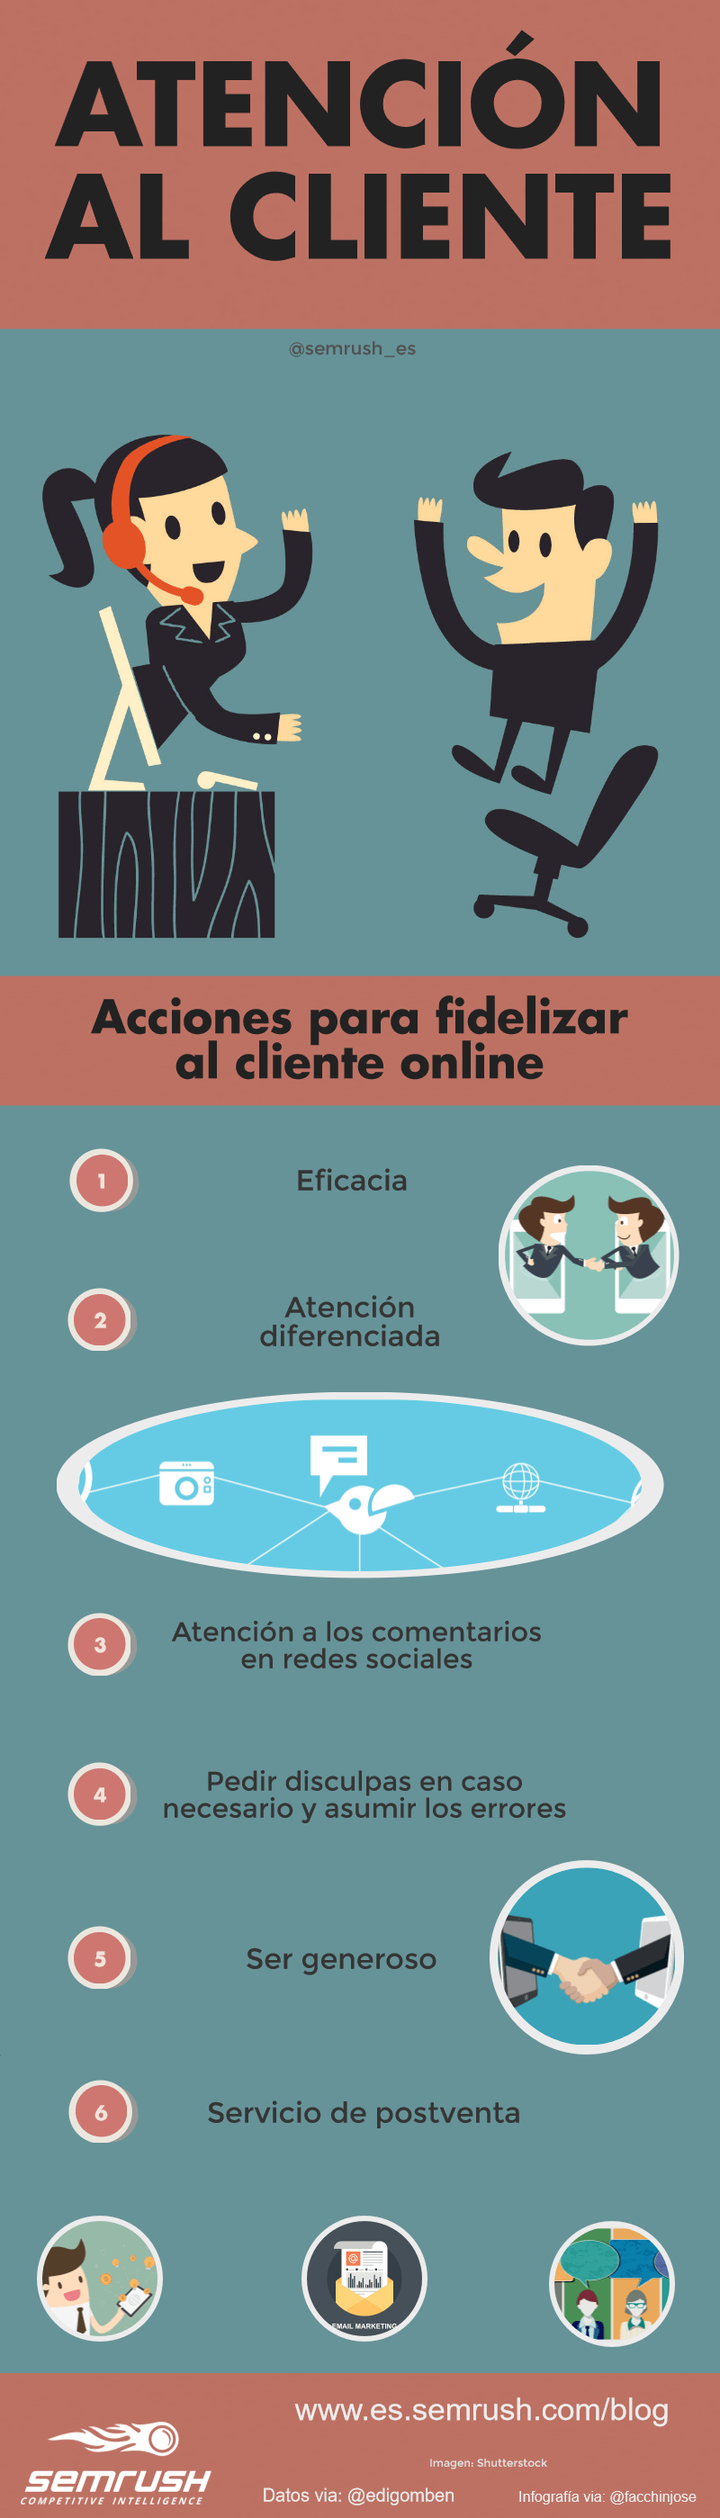 6 Acciones para fidelizar al cliente online